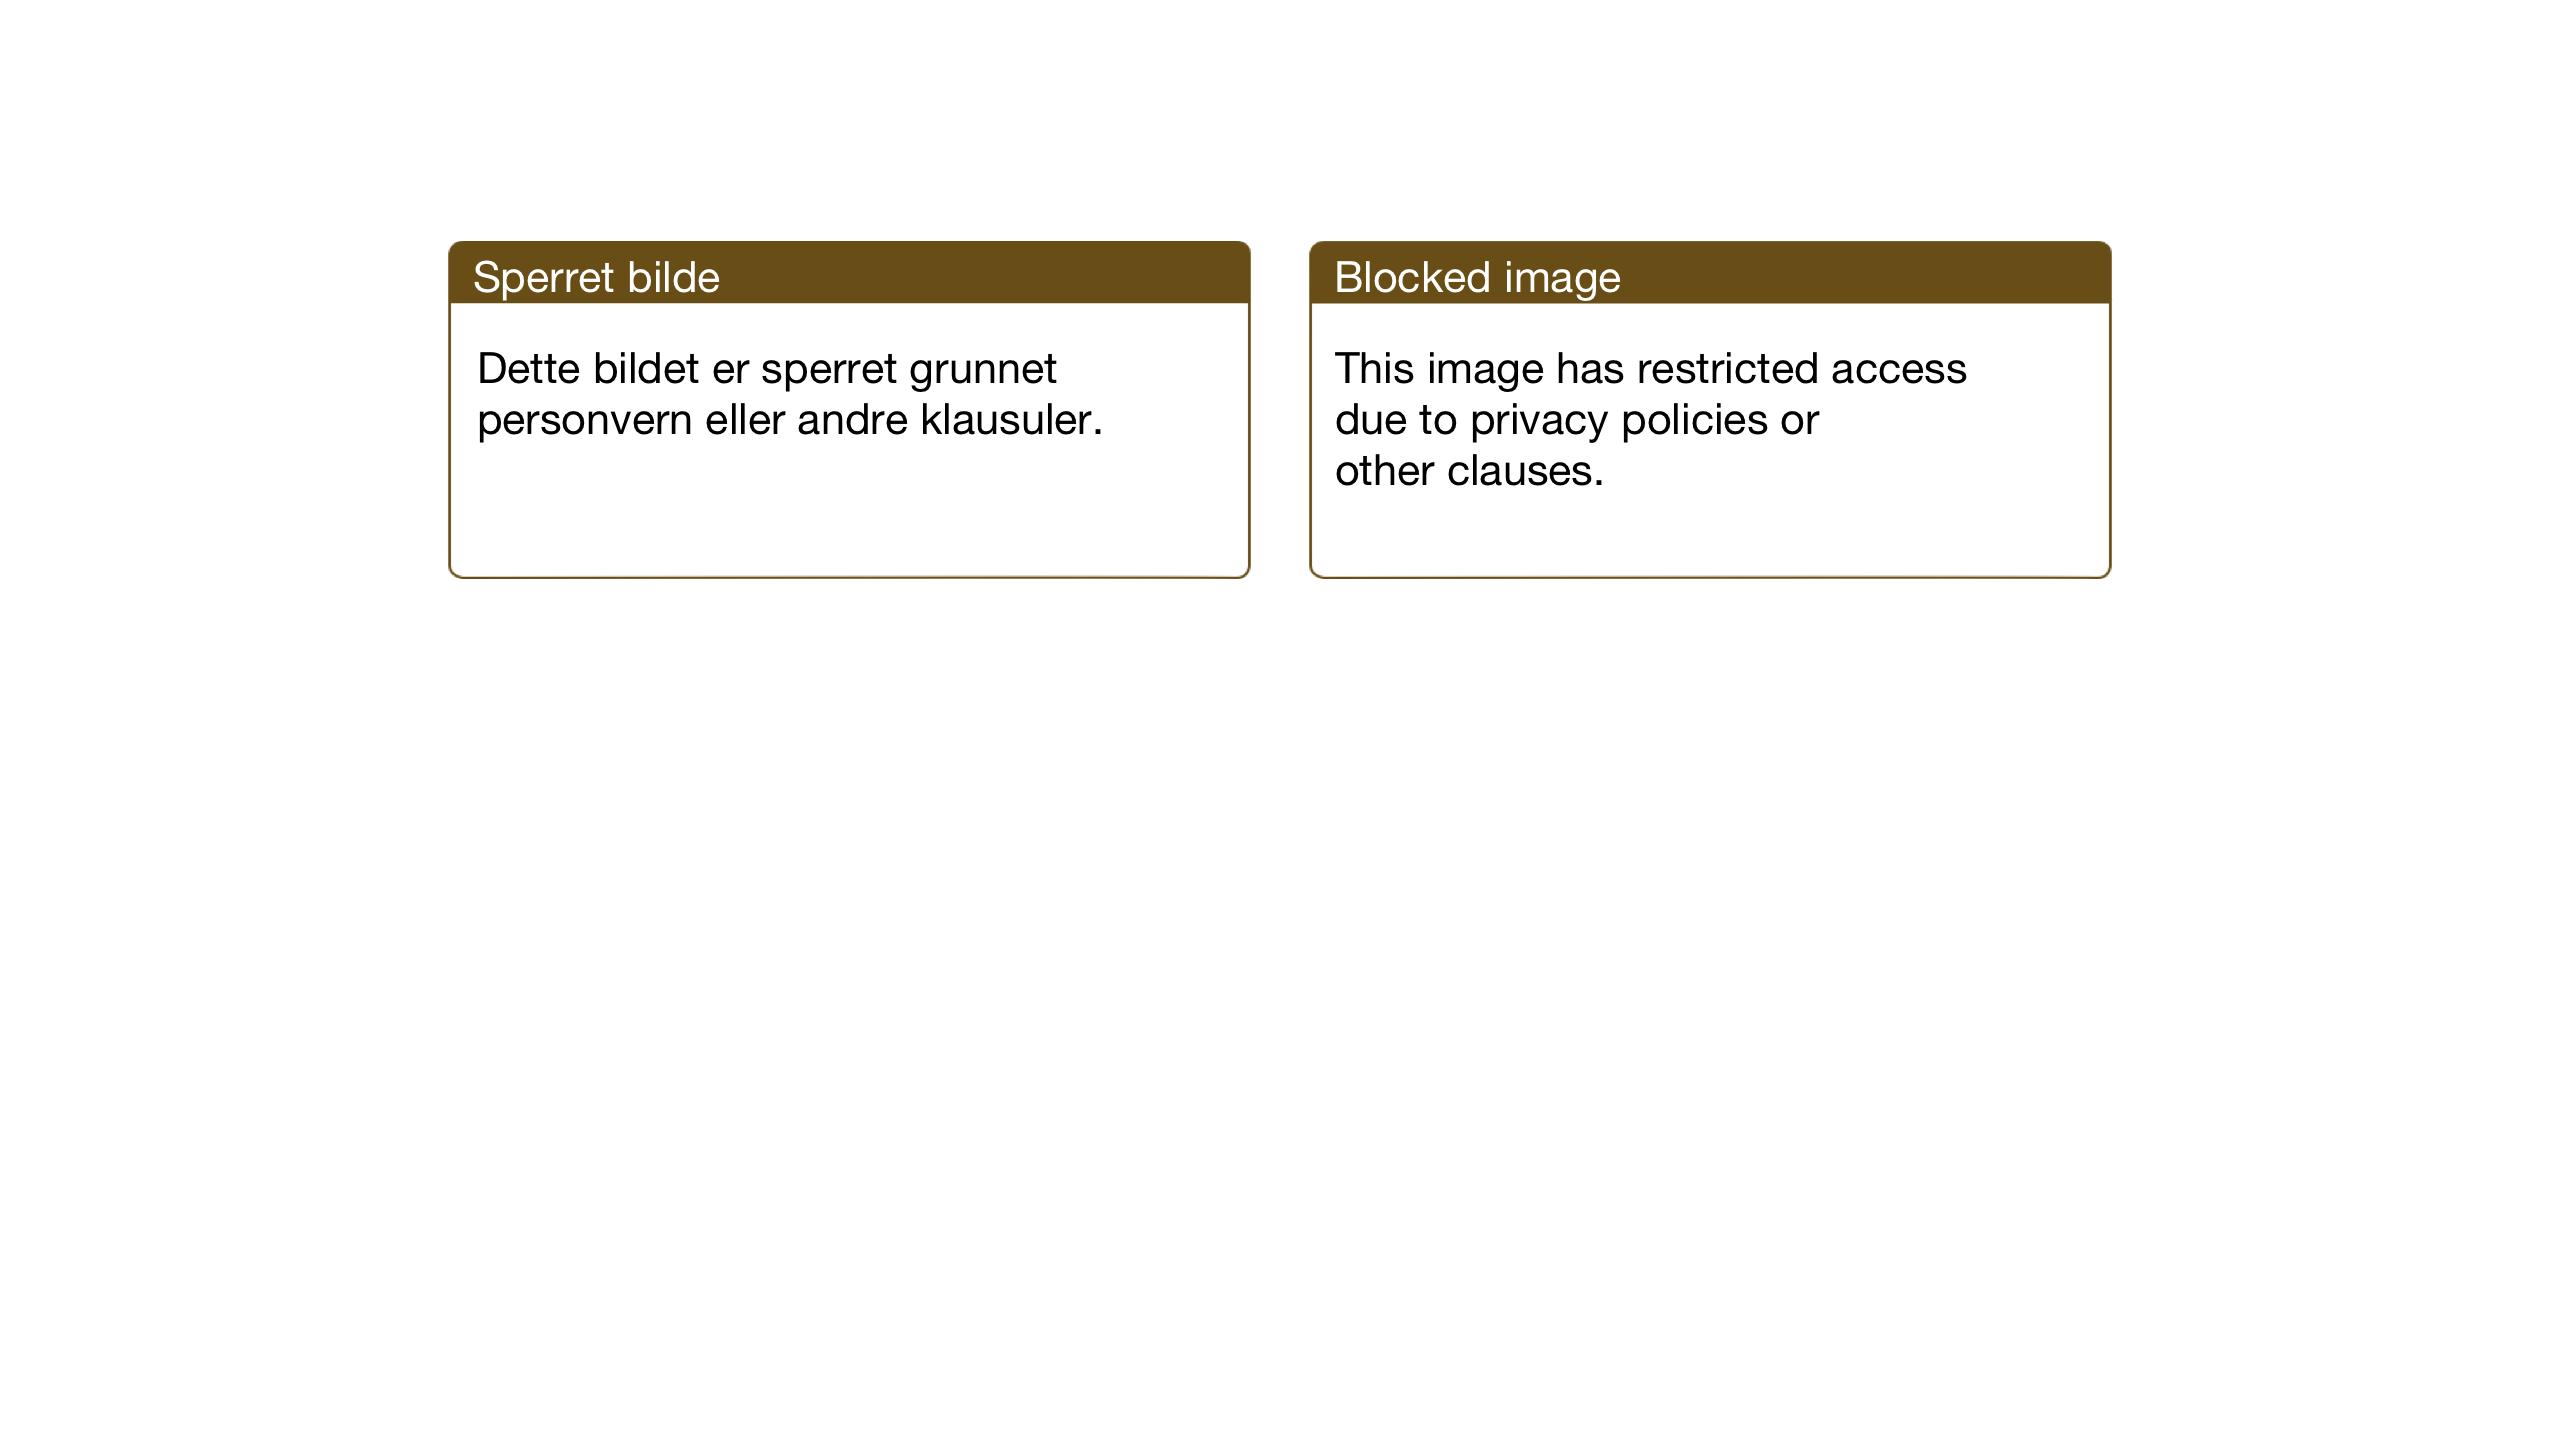 SAT, Ministerialprotokoller, klokkerbøker og fødselsregistre - Sør-Trøndelag, 608/L0342: Klokkerbok nr. 608C08, 1912-1938, s. 36